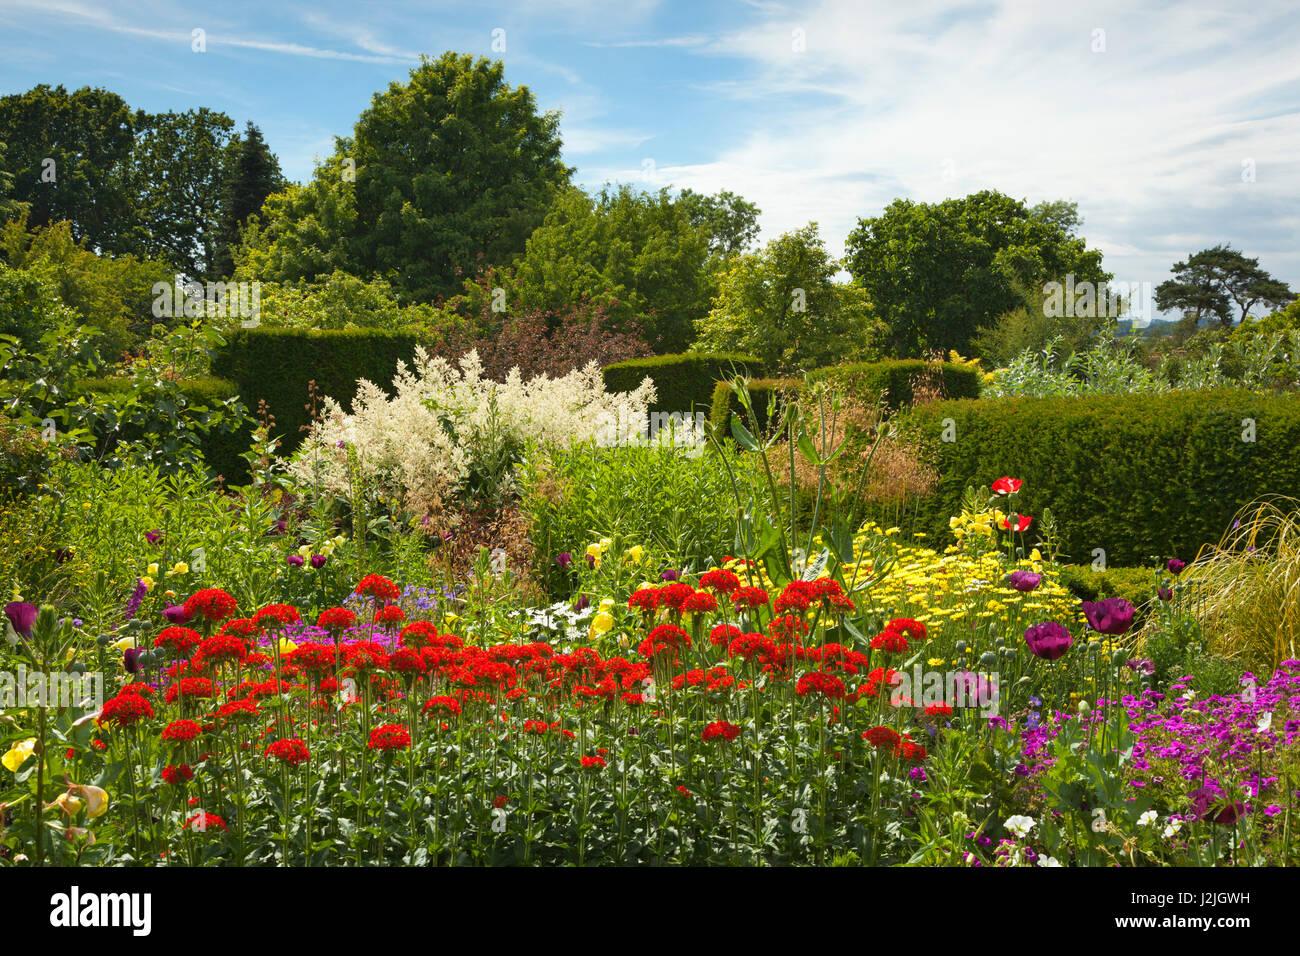 Orchard Garden, Great Dixter Gardens, Northiam, East Sussex, Great Britain